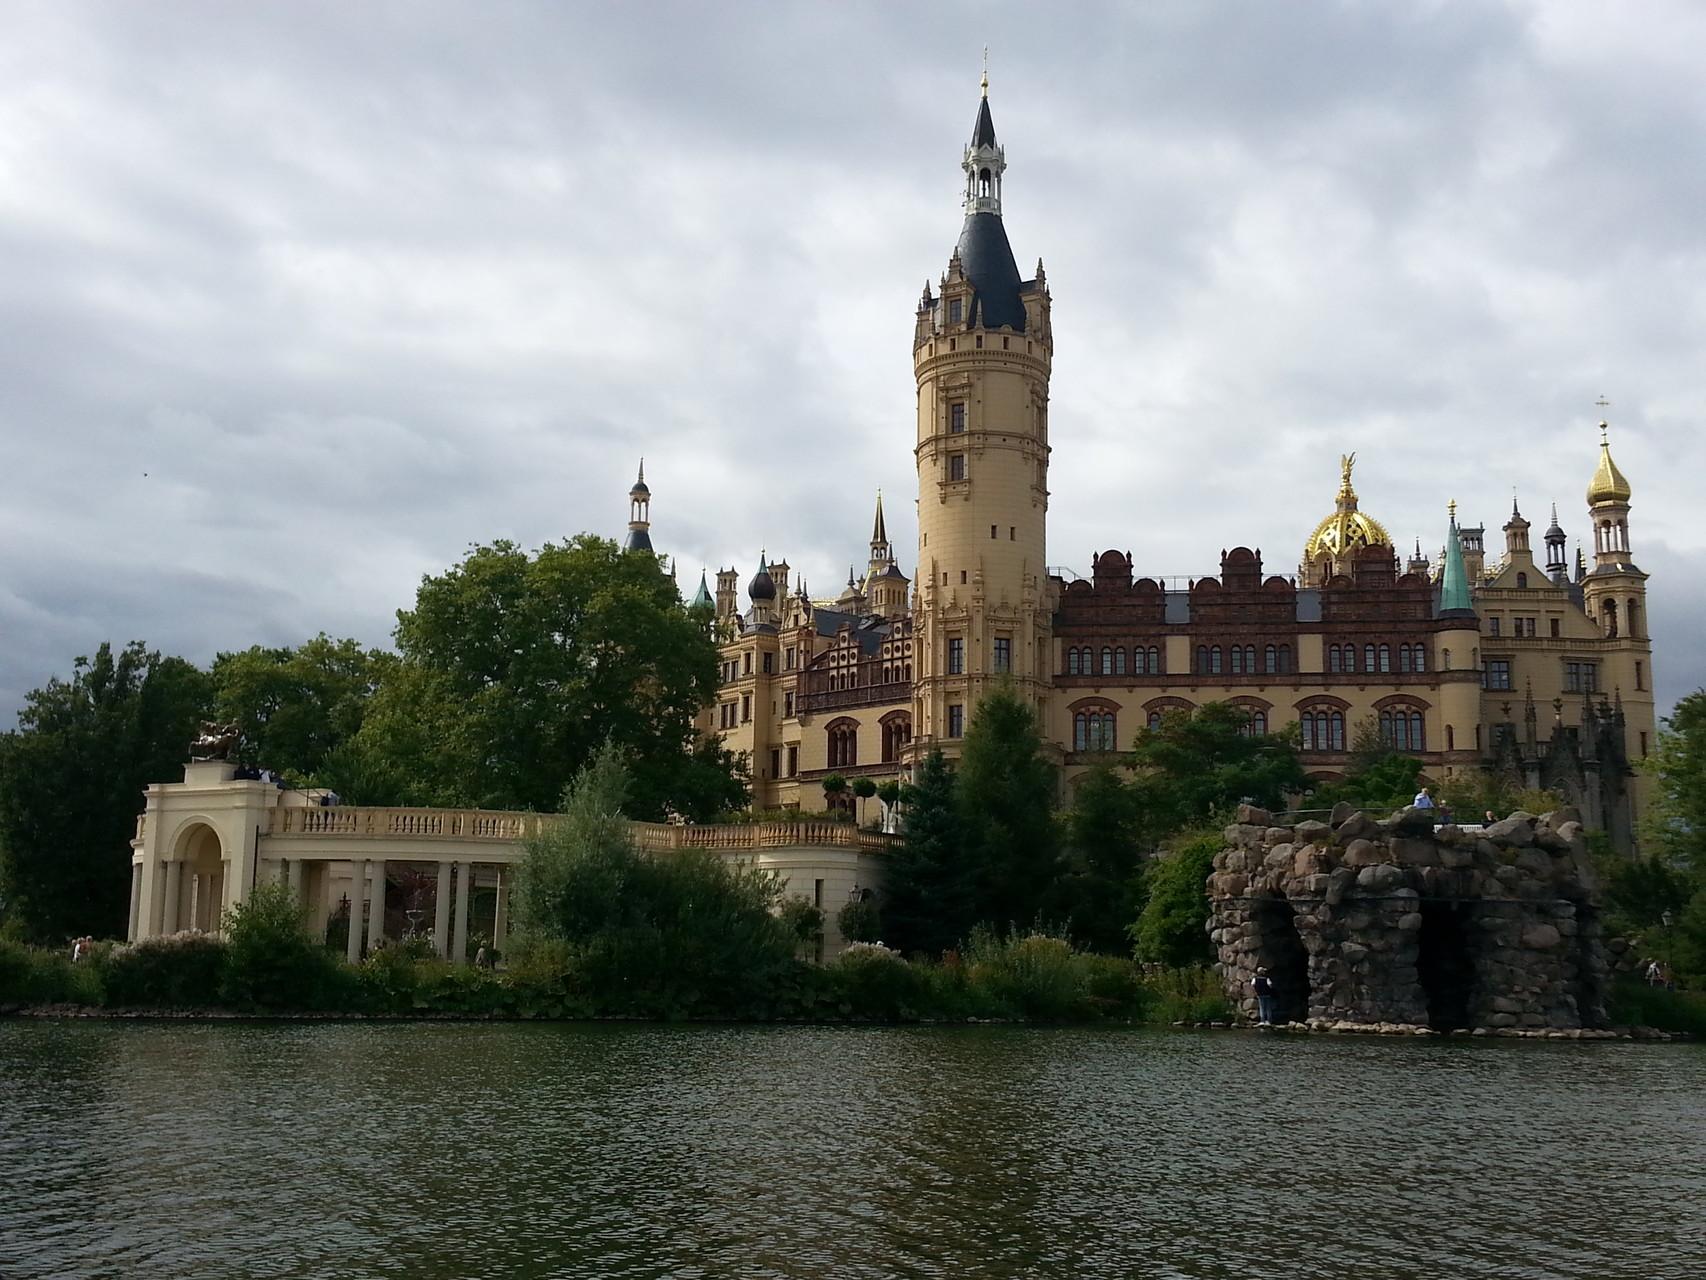 schwerin - kulturell und touristisch ein pflichttermin